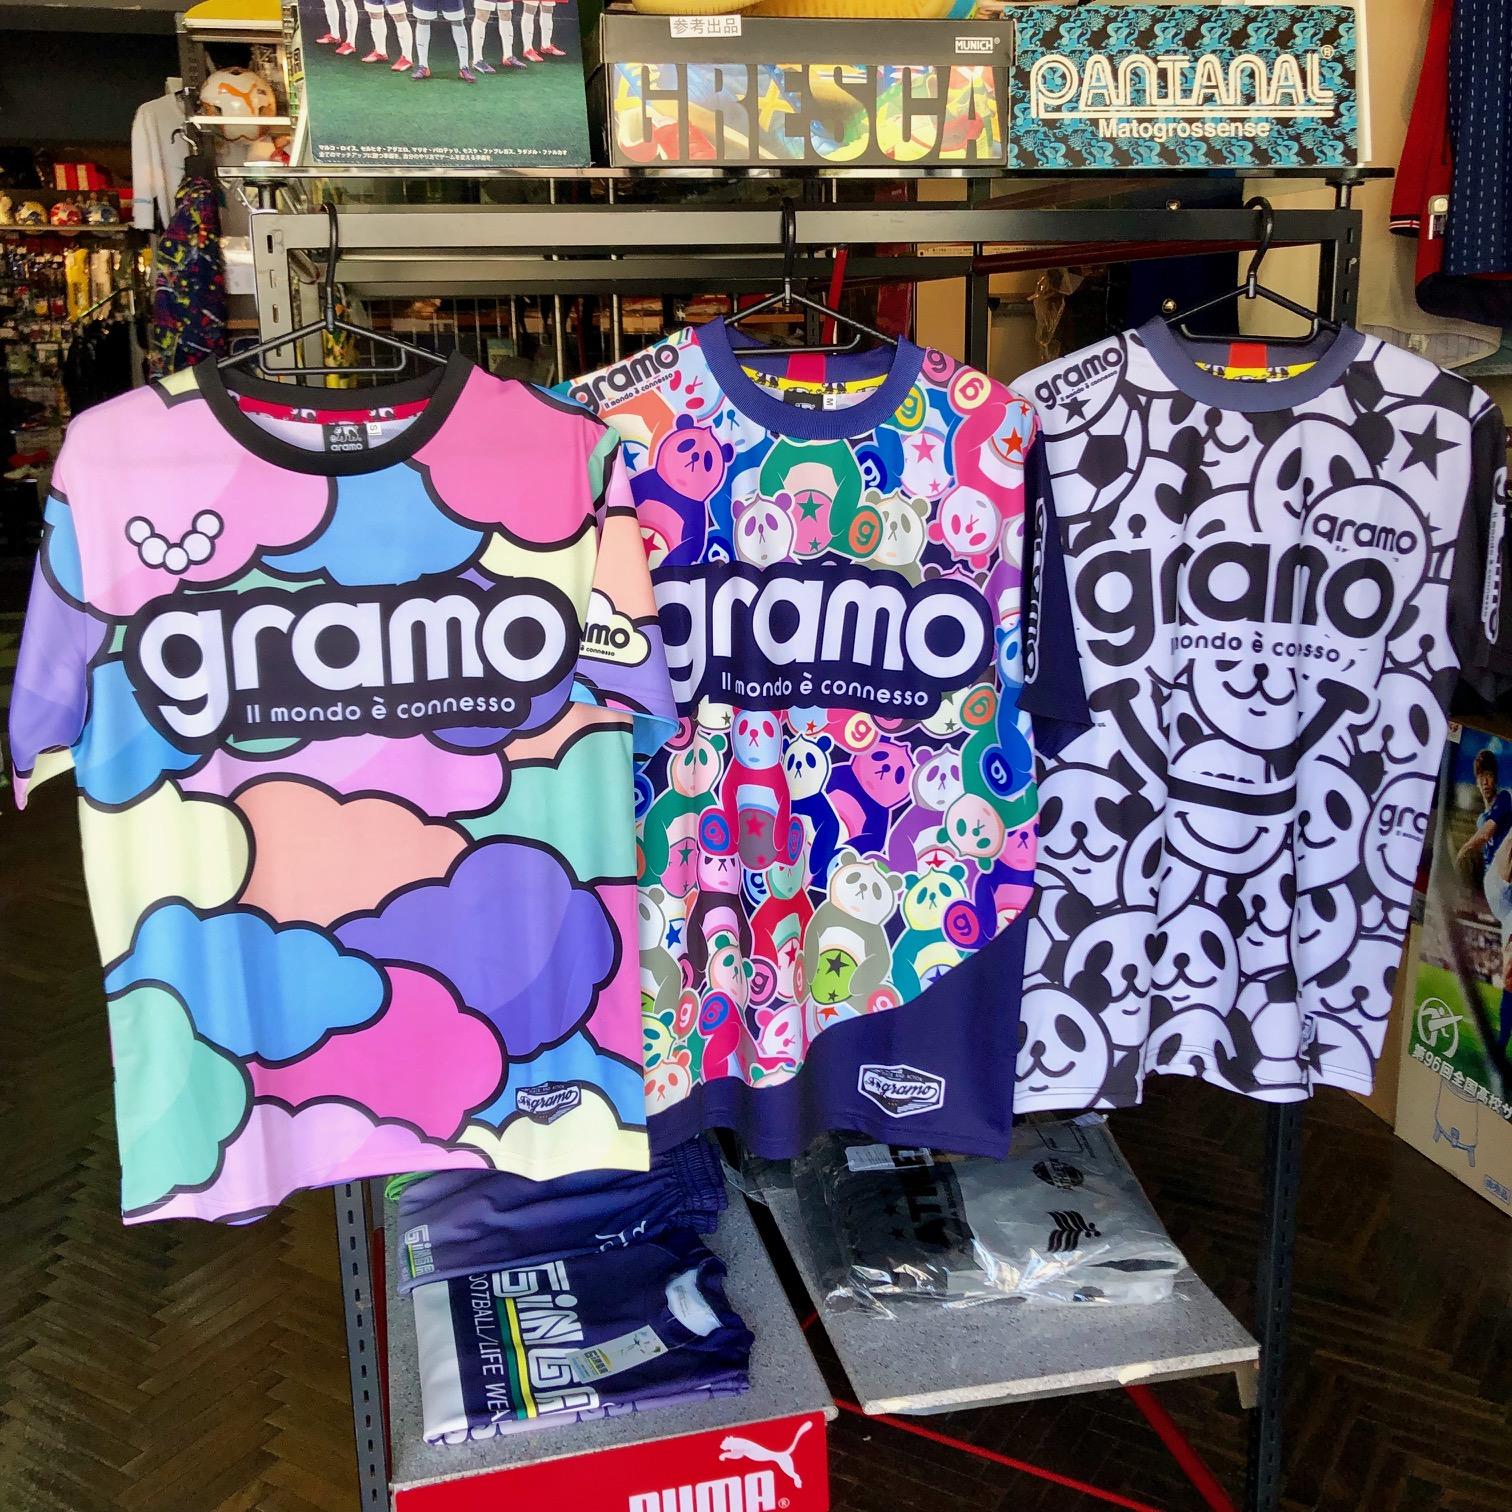 グラモ gramo 2019春夏 新商品 通販